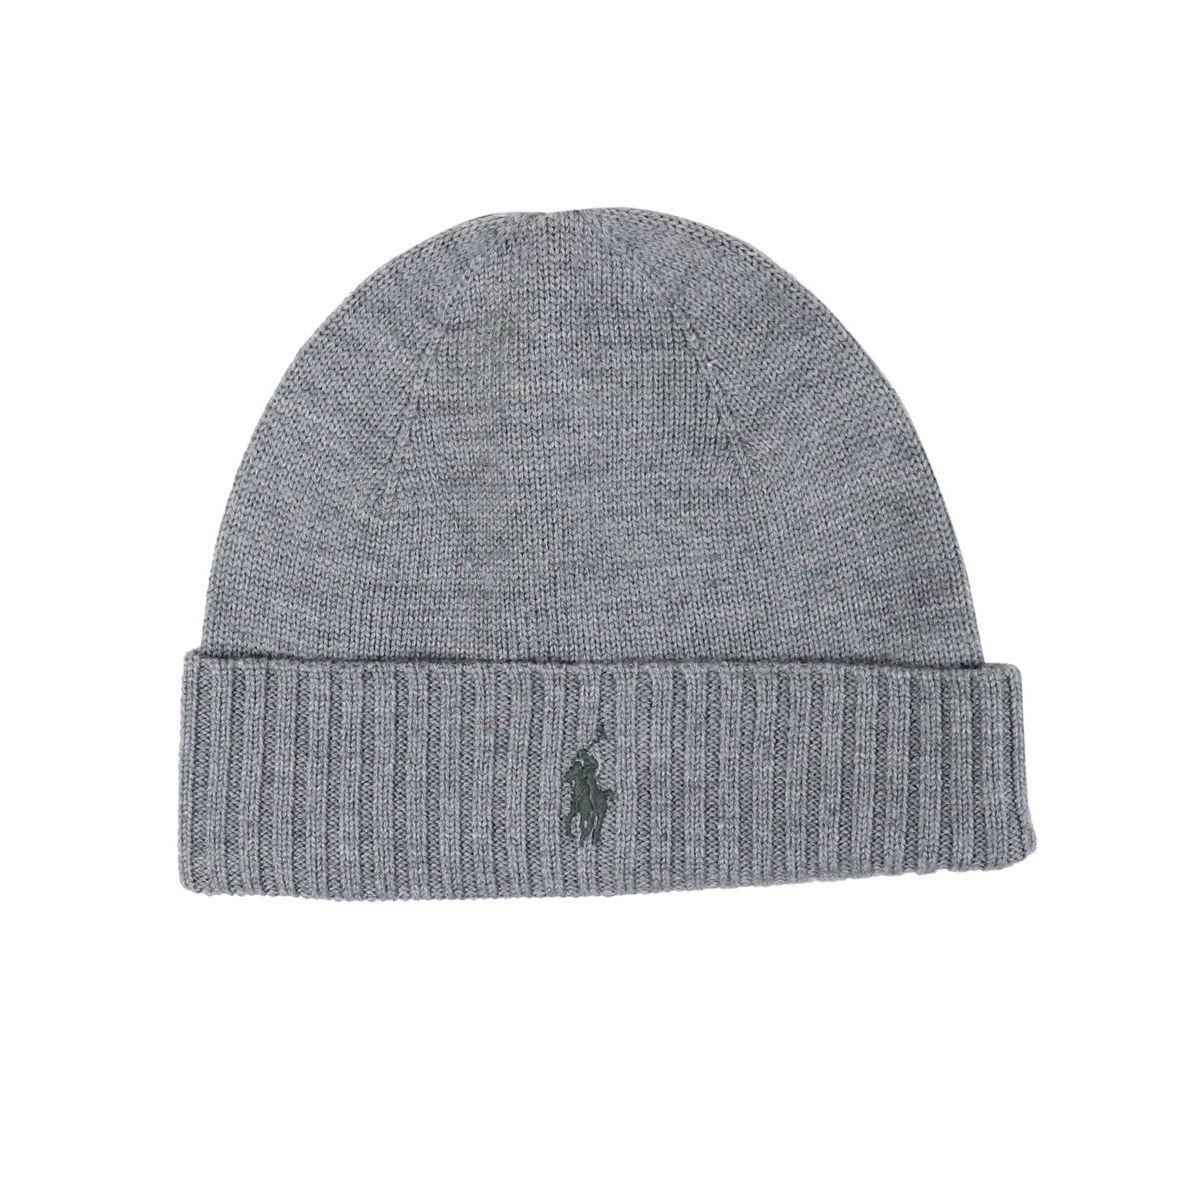 stile squisito acquista autentico molti stili Cappello in lana con risvolto a coste e logo